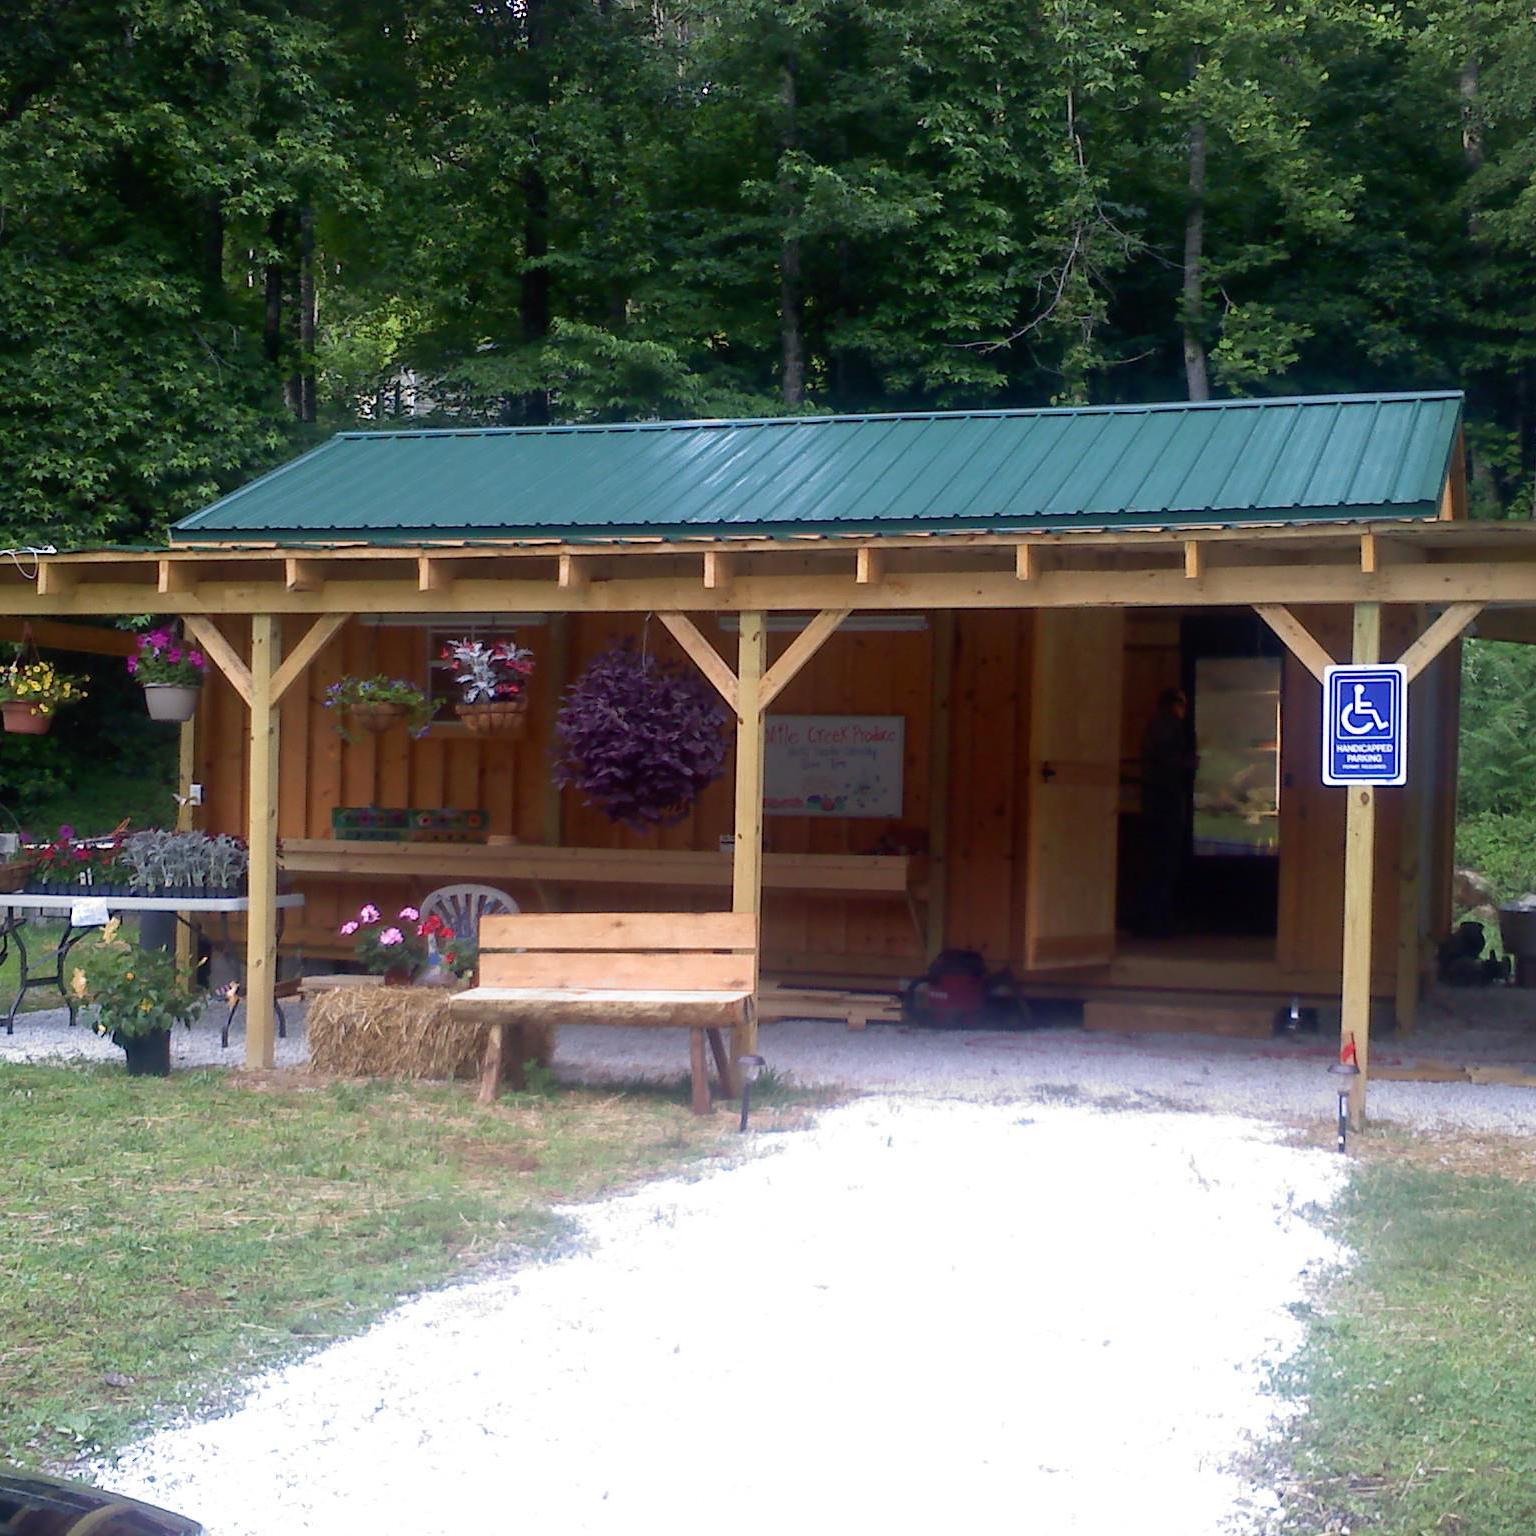 Mile Creek Farm